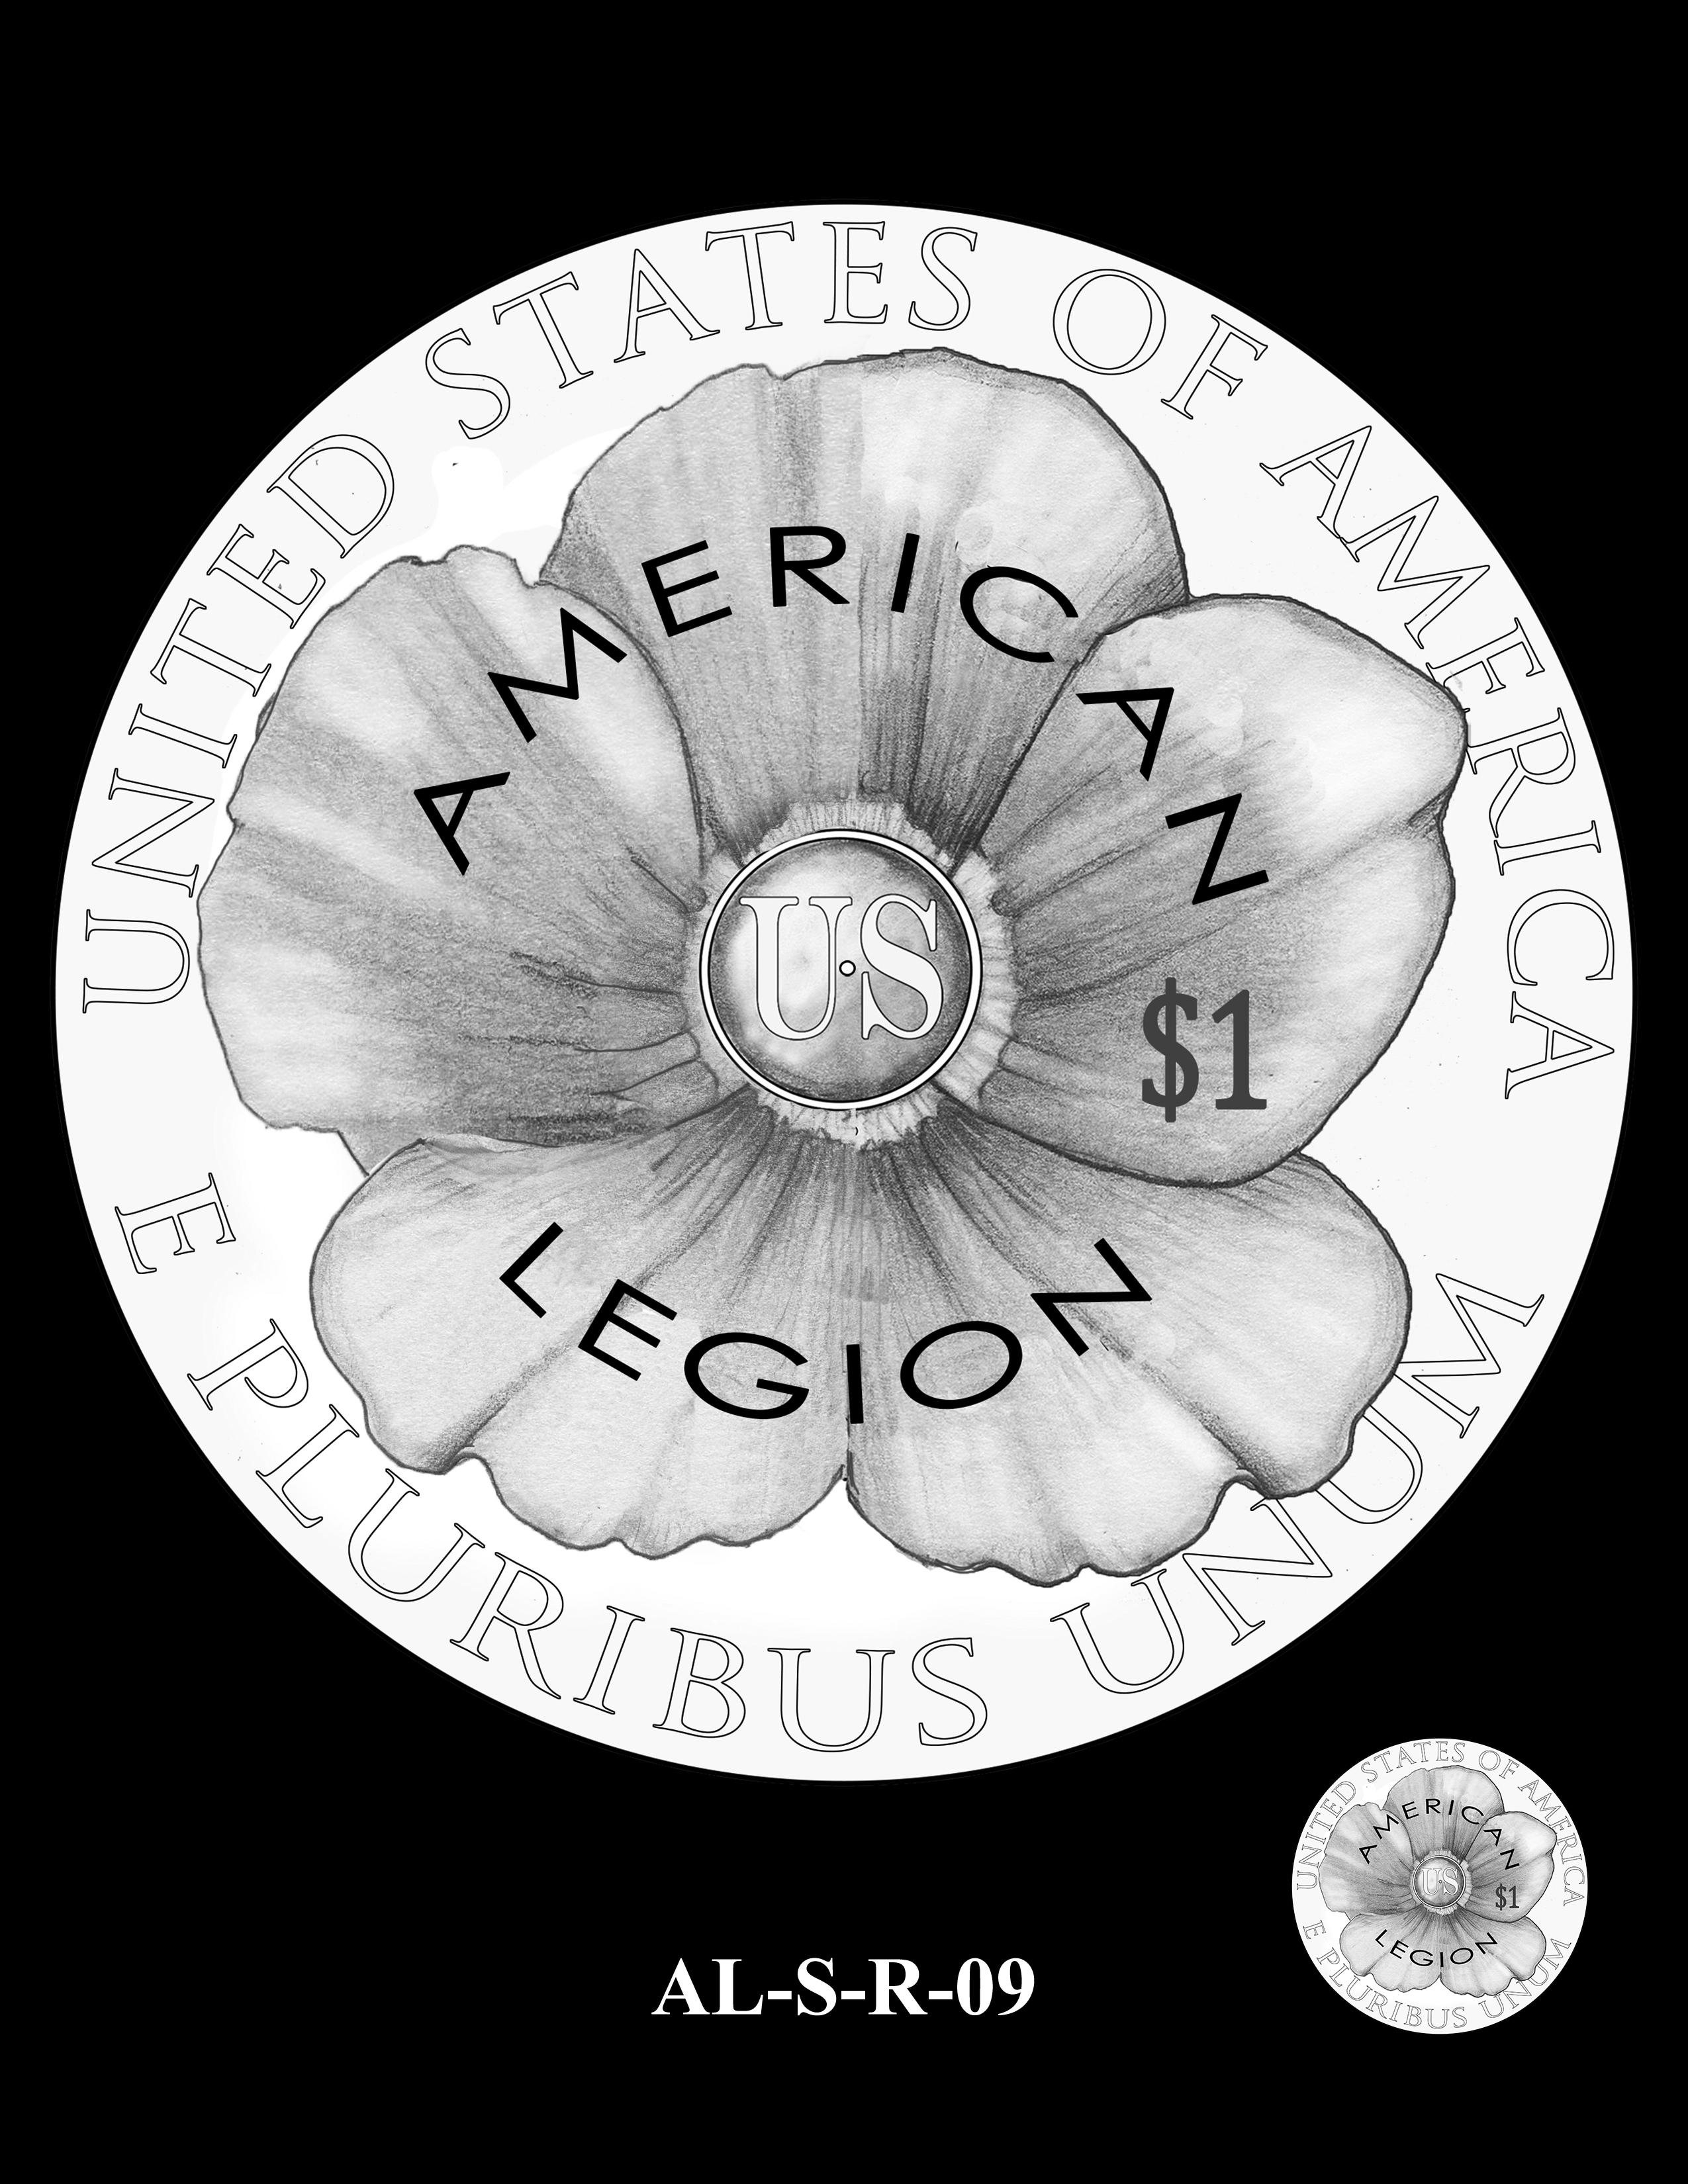 AL-S-R-09 -- 2019 American Legion 100th Anniversary Commemorative Coin Program - Silver Reverse